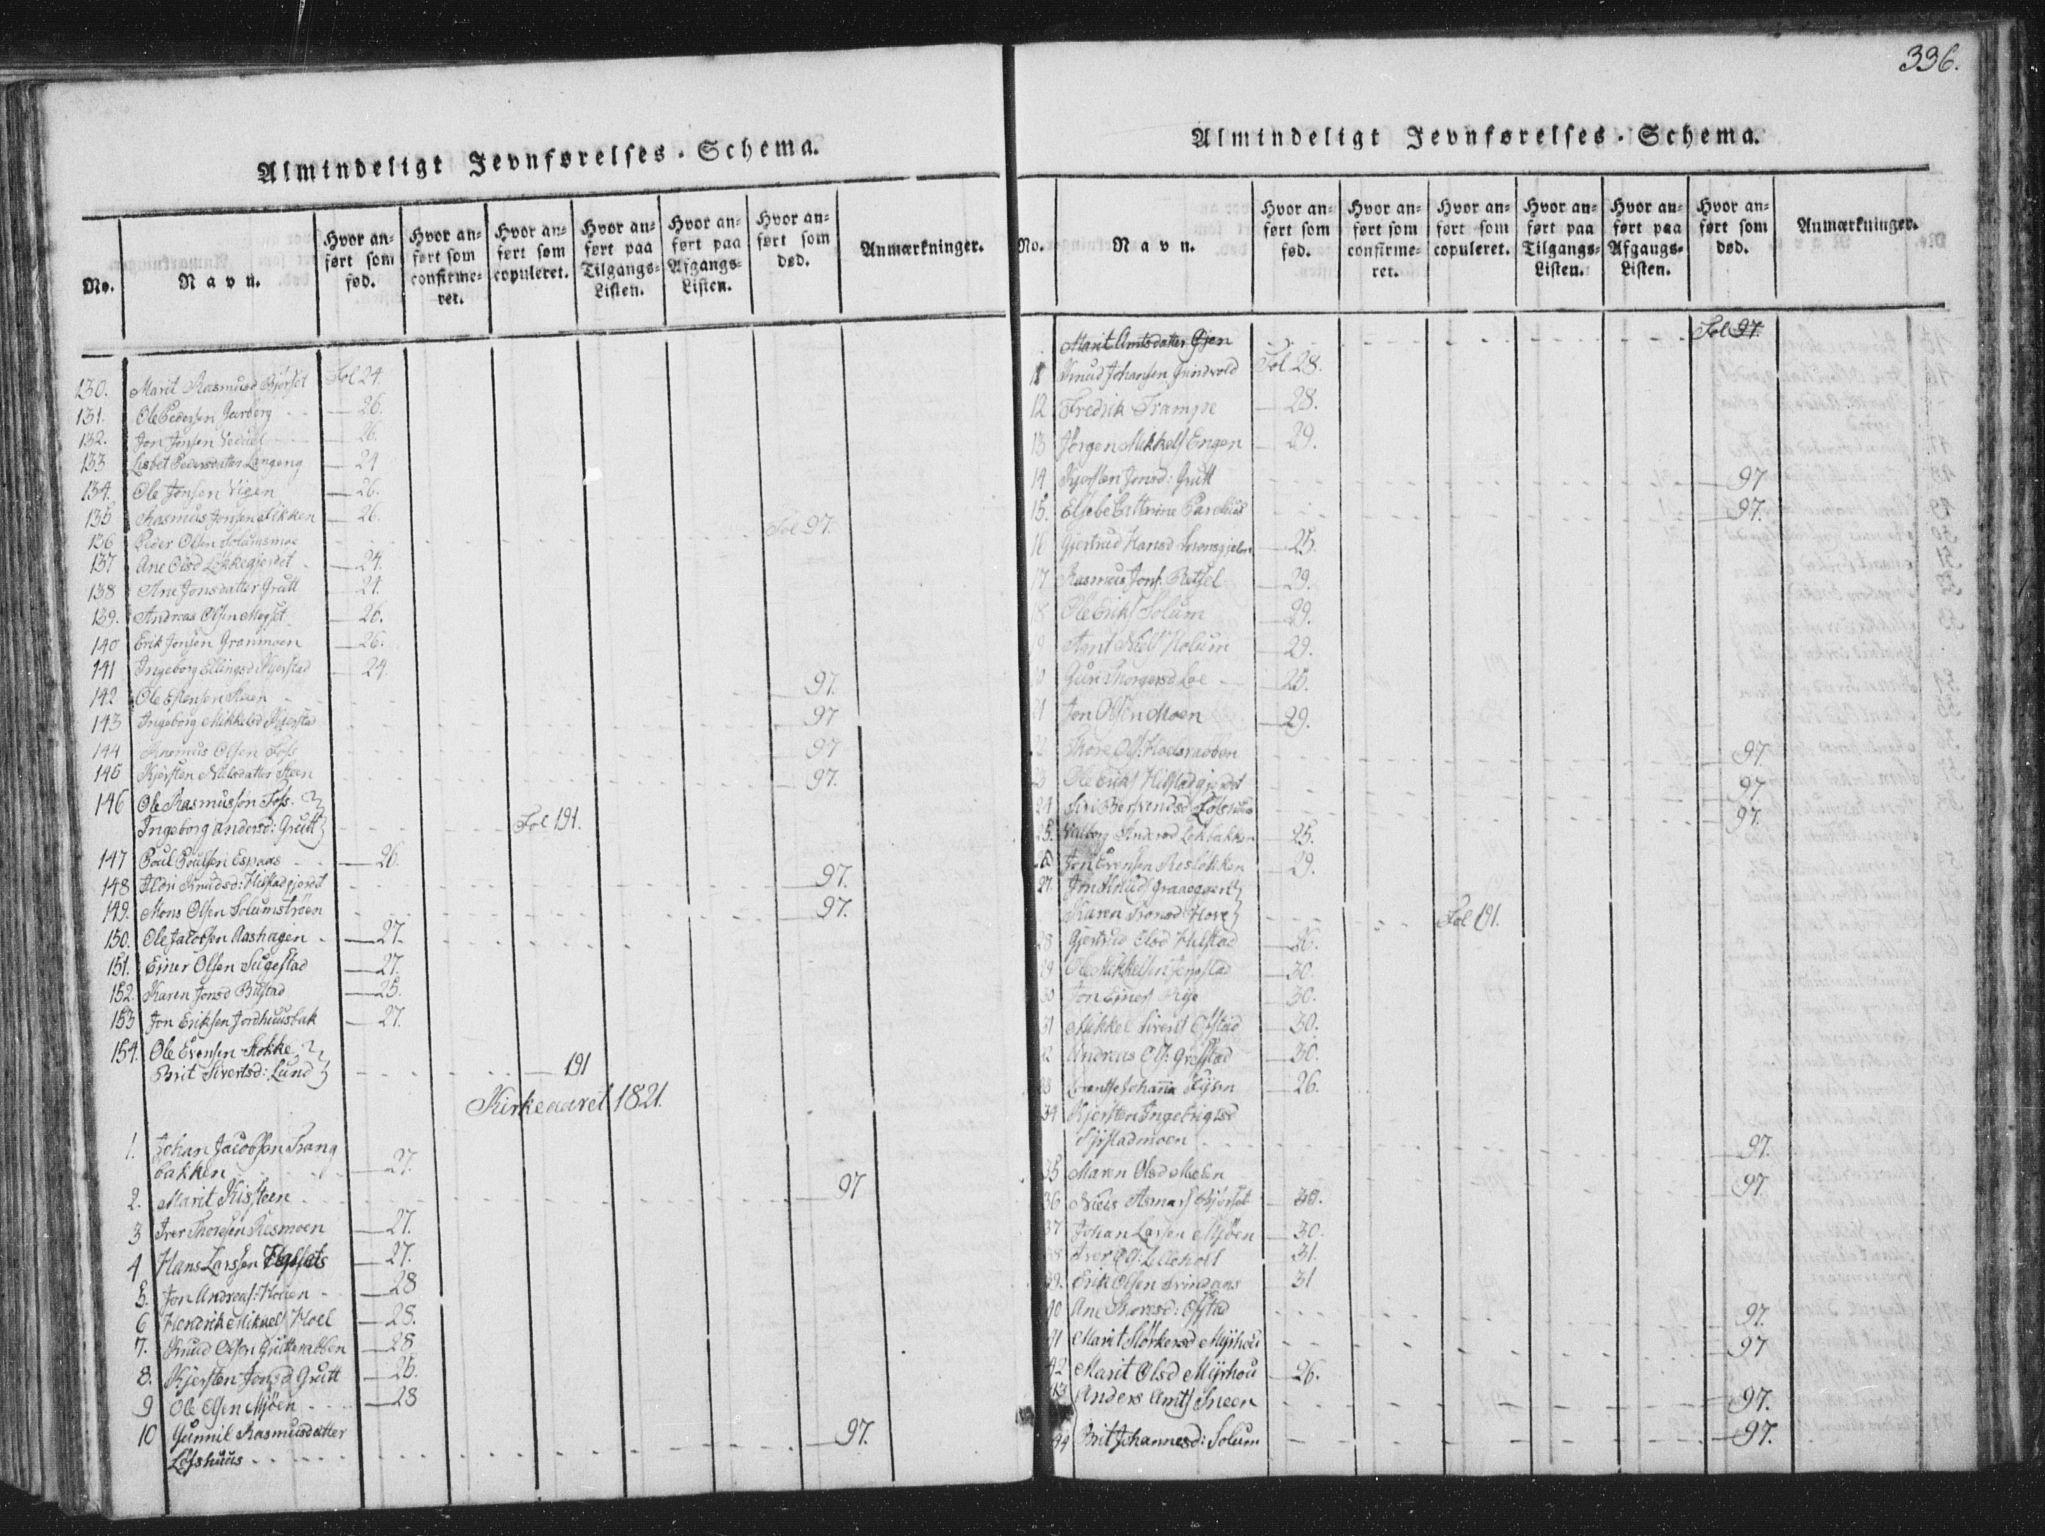 SAT, Ministerialprotokoller, klokkerbøker og fødselsregistre - Sør-Trøndelag, 672/L0862: Klokkerbok nr. 672C01, 1816-1831, s. 336